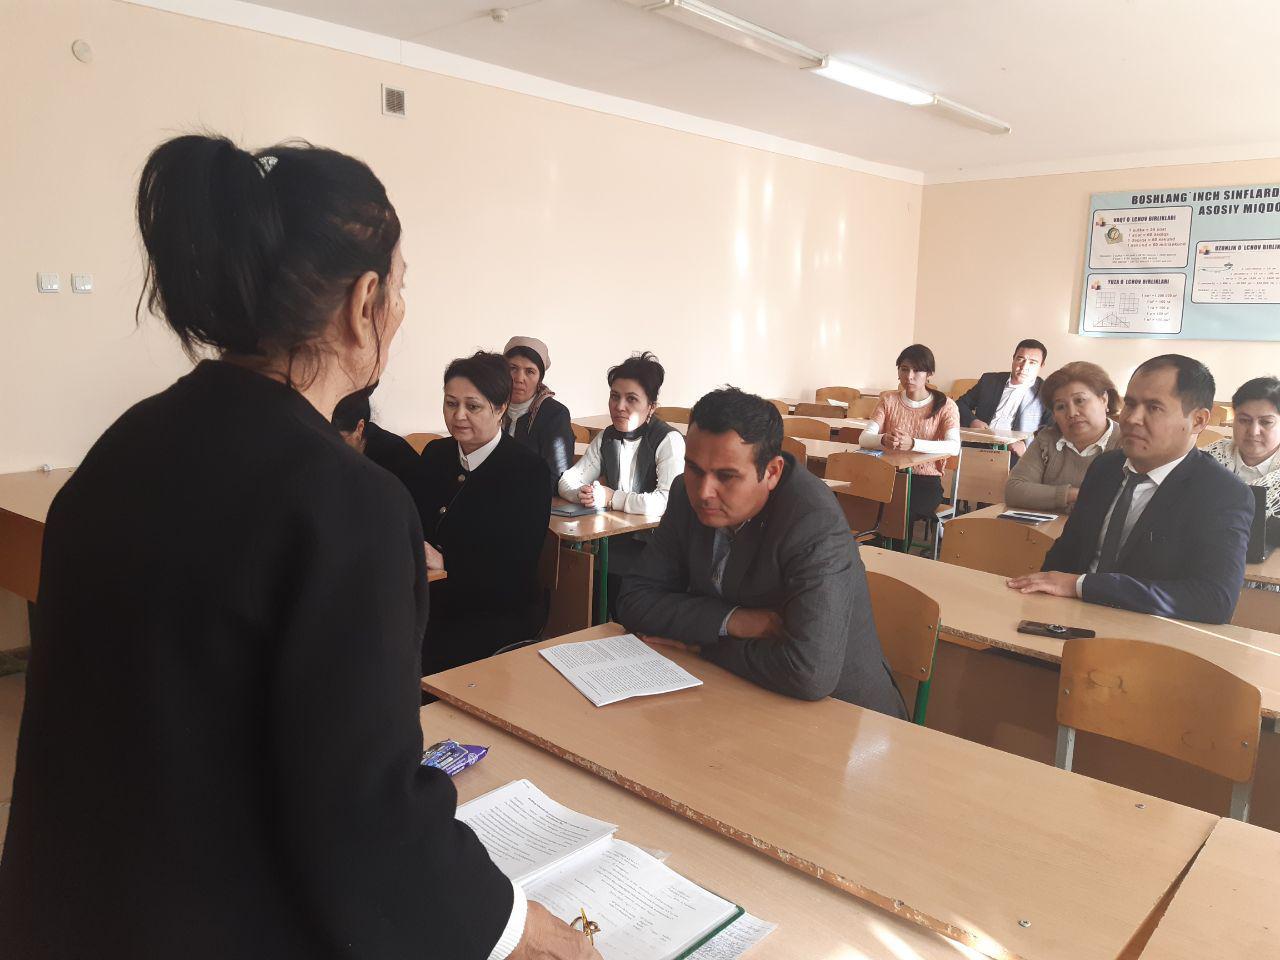 На кафедре элементарных методов педагогического факультета проведен семинар по методологии решения педагогических задач в 4 классе.